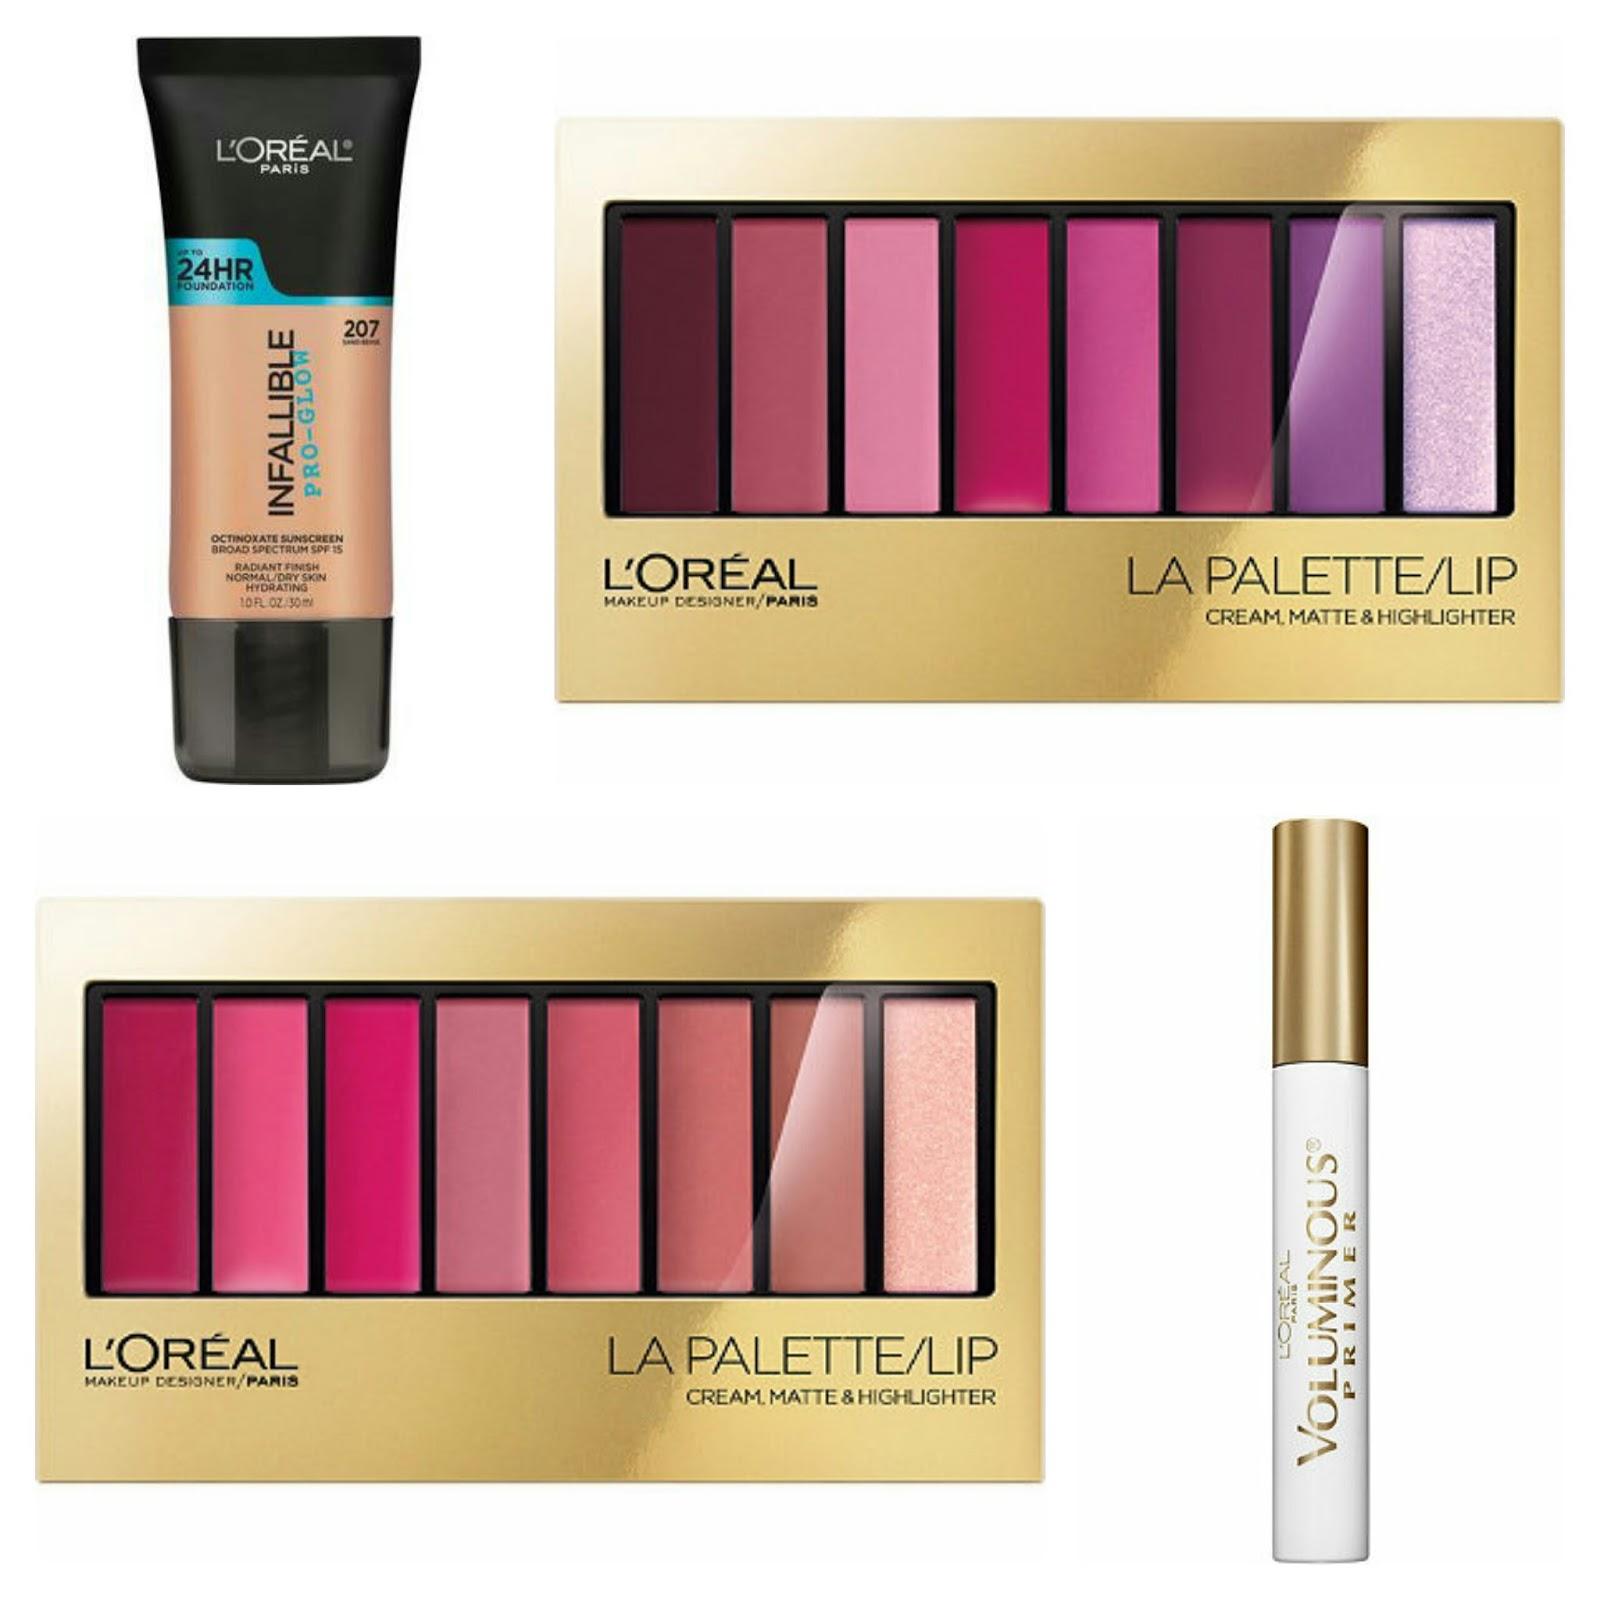 Colecciones de maquillaje verano 2016 loreal